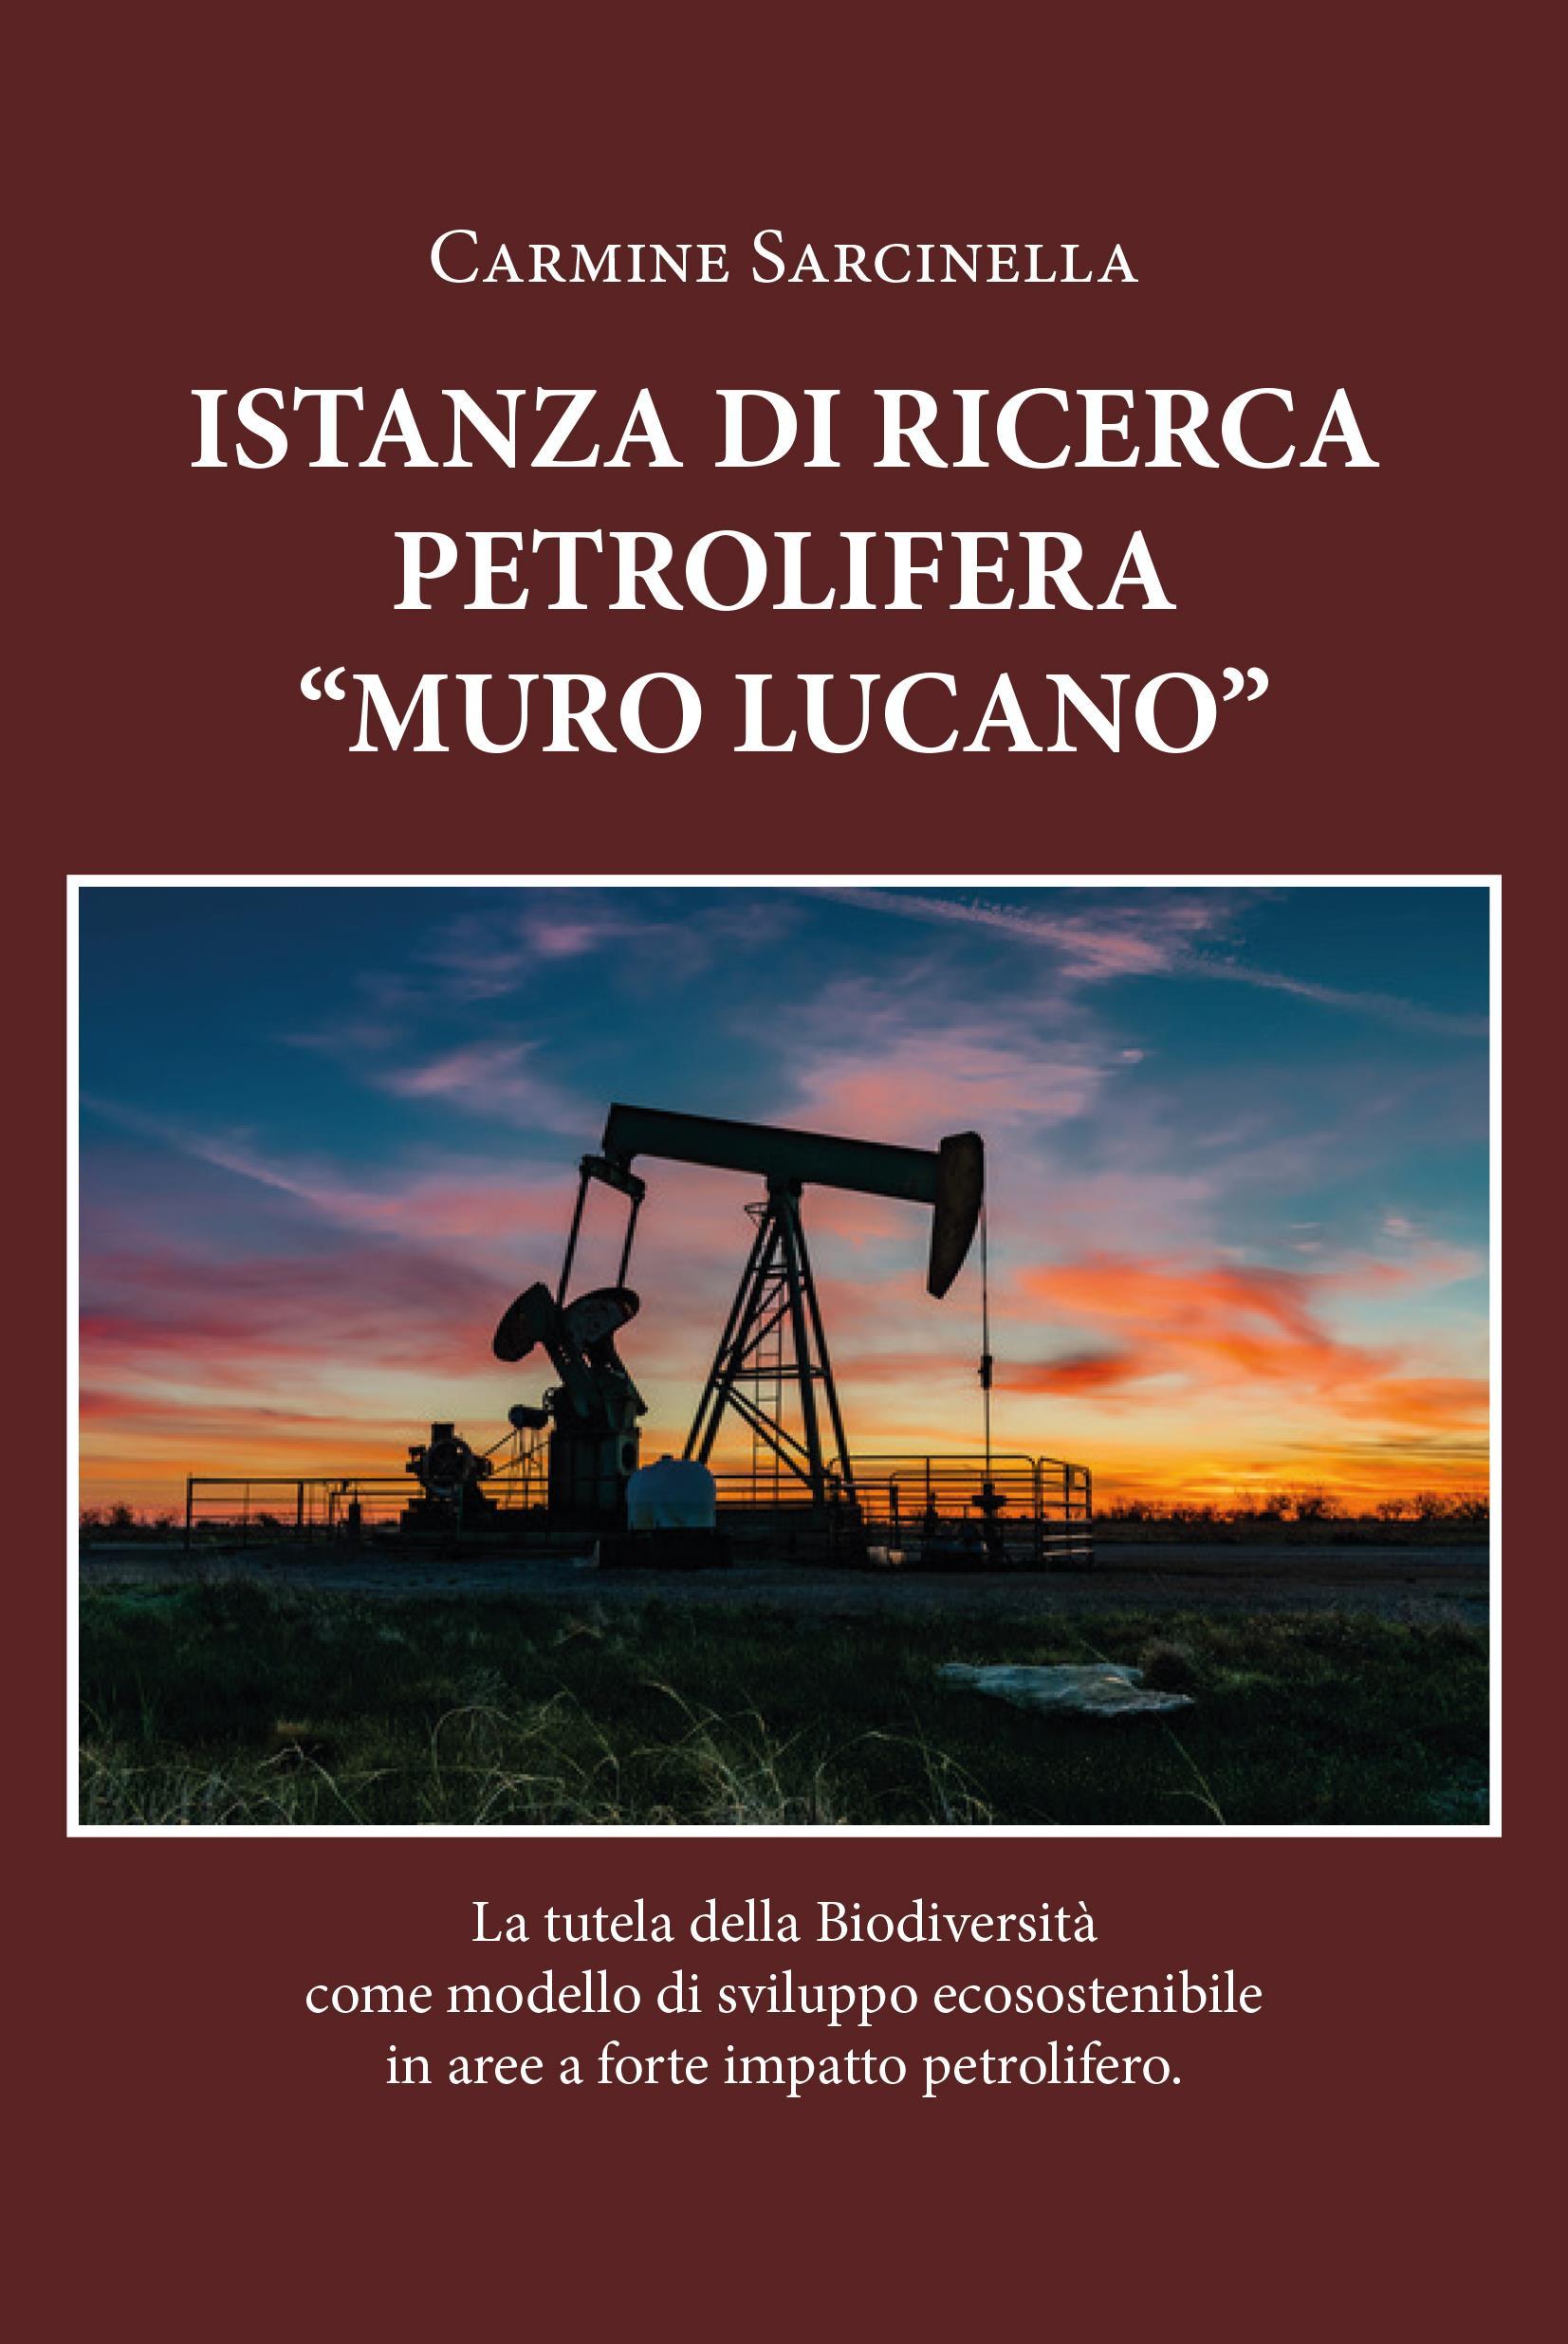 """Istanza petrolifera """"Muro Lucano"""". La tutela della biodiversità come modello di sviluppo ecosostenibile in aree a forte impatto petrolifero"""